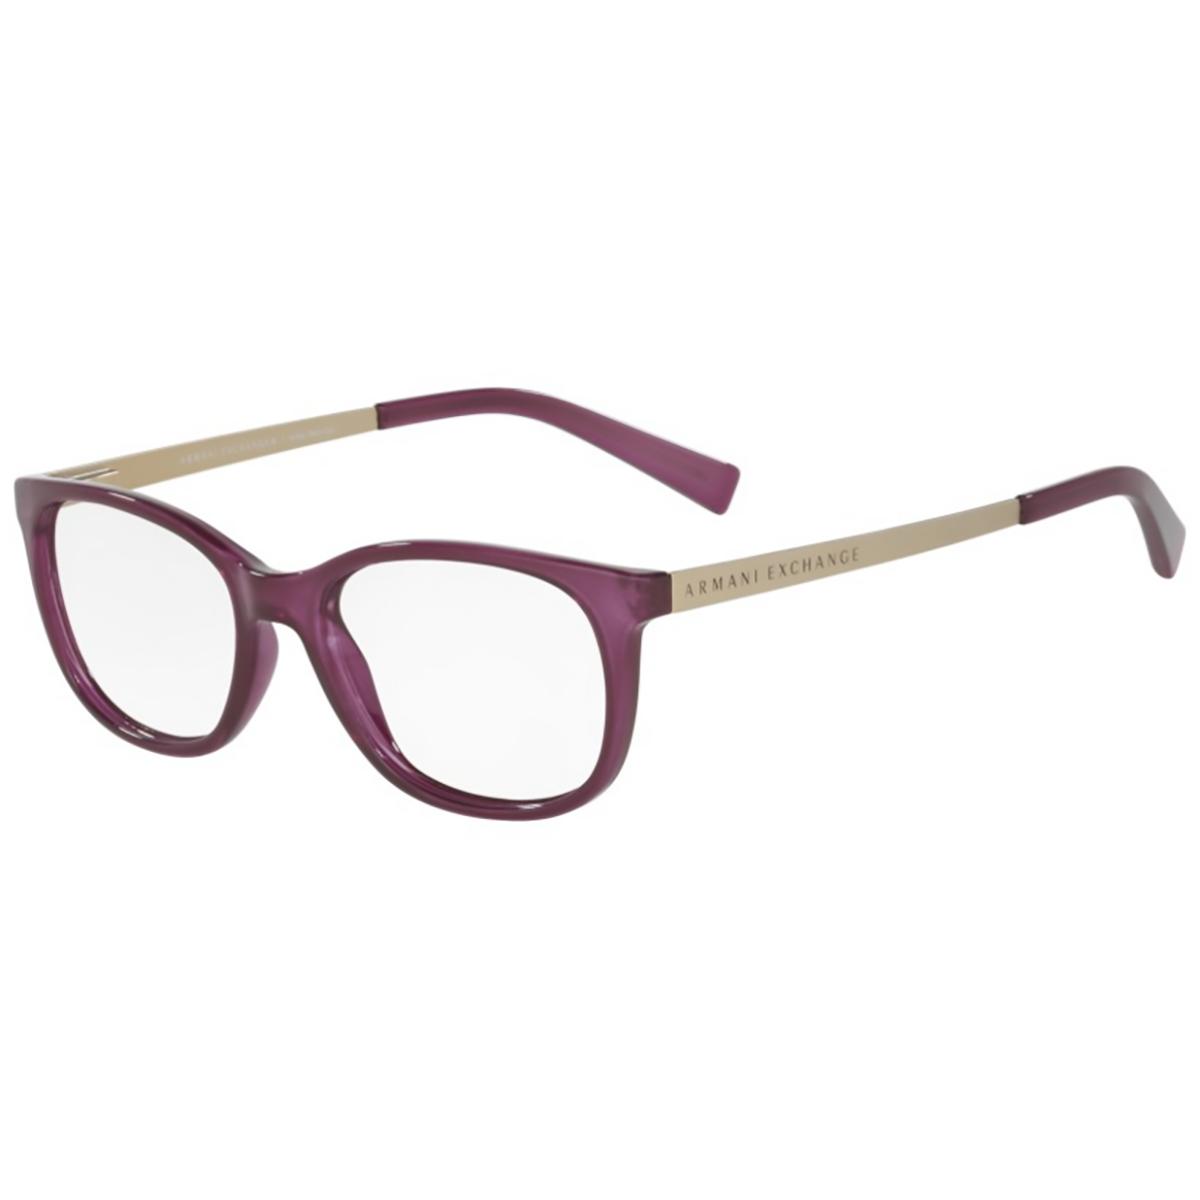 d3ea8228d96e7 Compre Óculos de Grau Armani Exchange em 10X